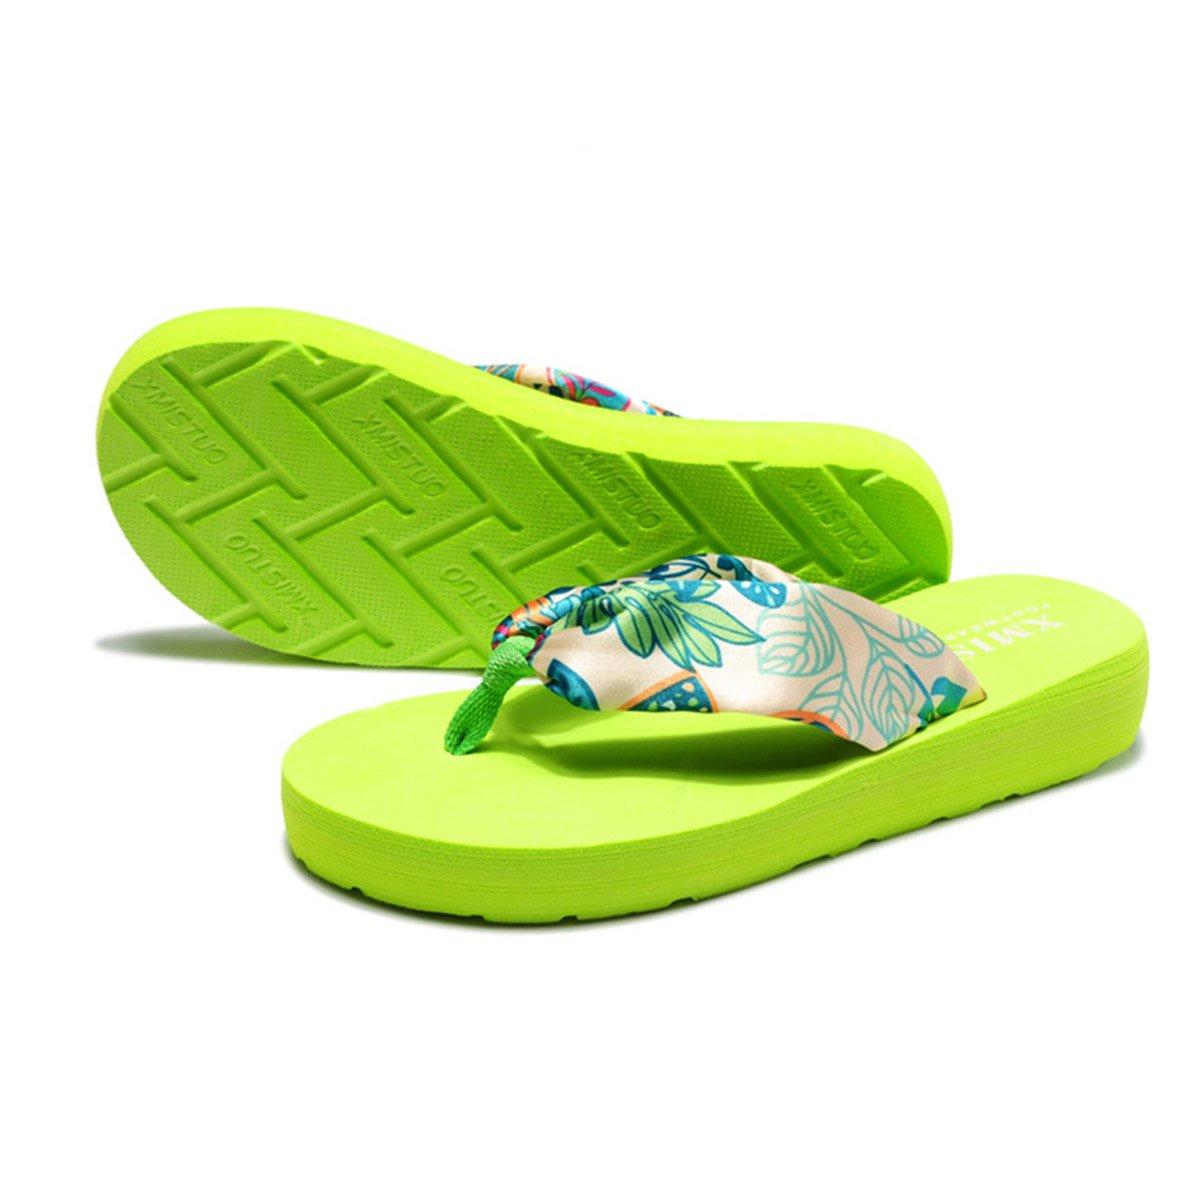 Butterme Femmes Bohème Floral Sandales D'été Plage Chaussures Sandale Wedge Plate-forme Accueil Tongs Pantoufles ZUMUii ZUMU00006893